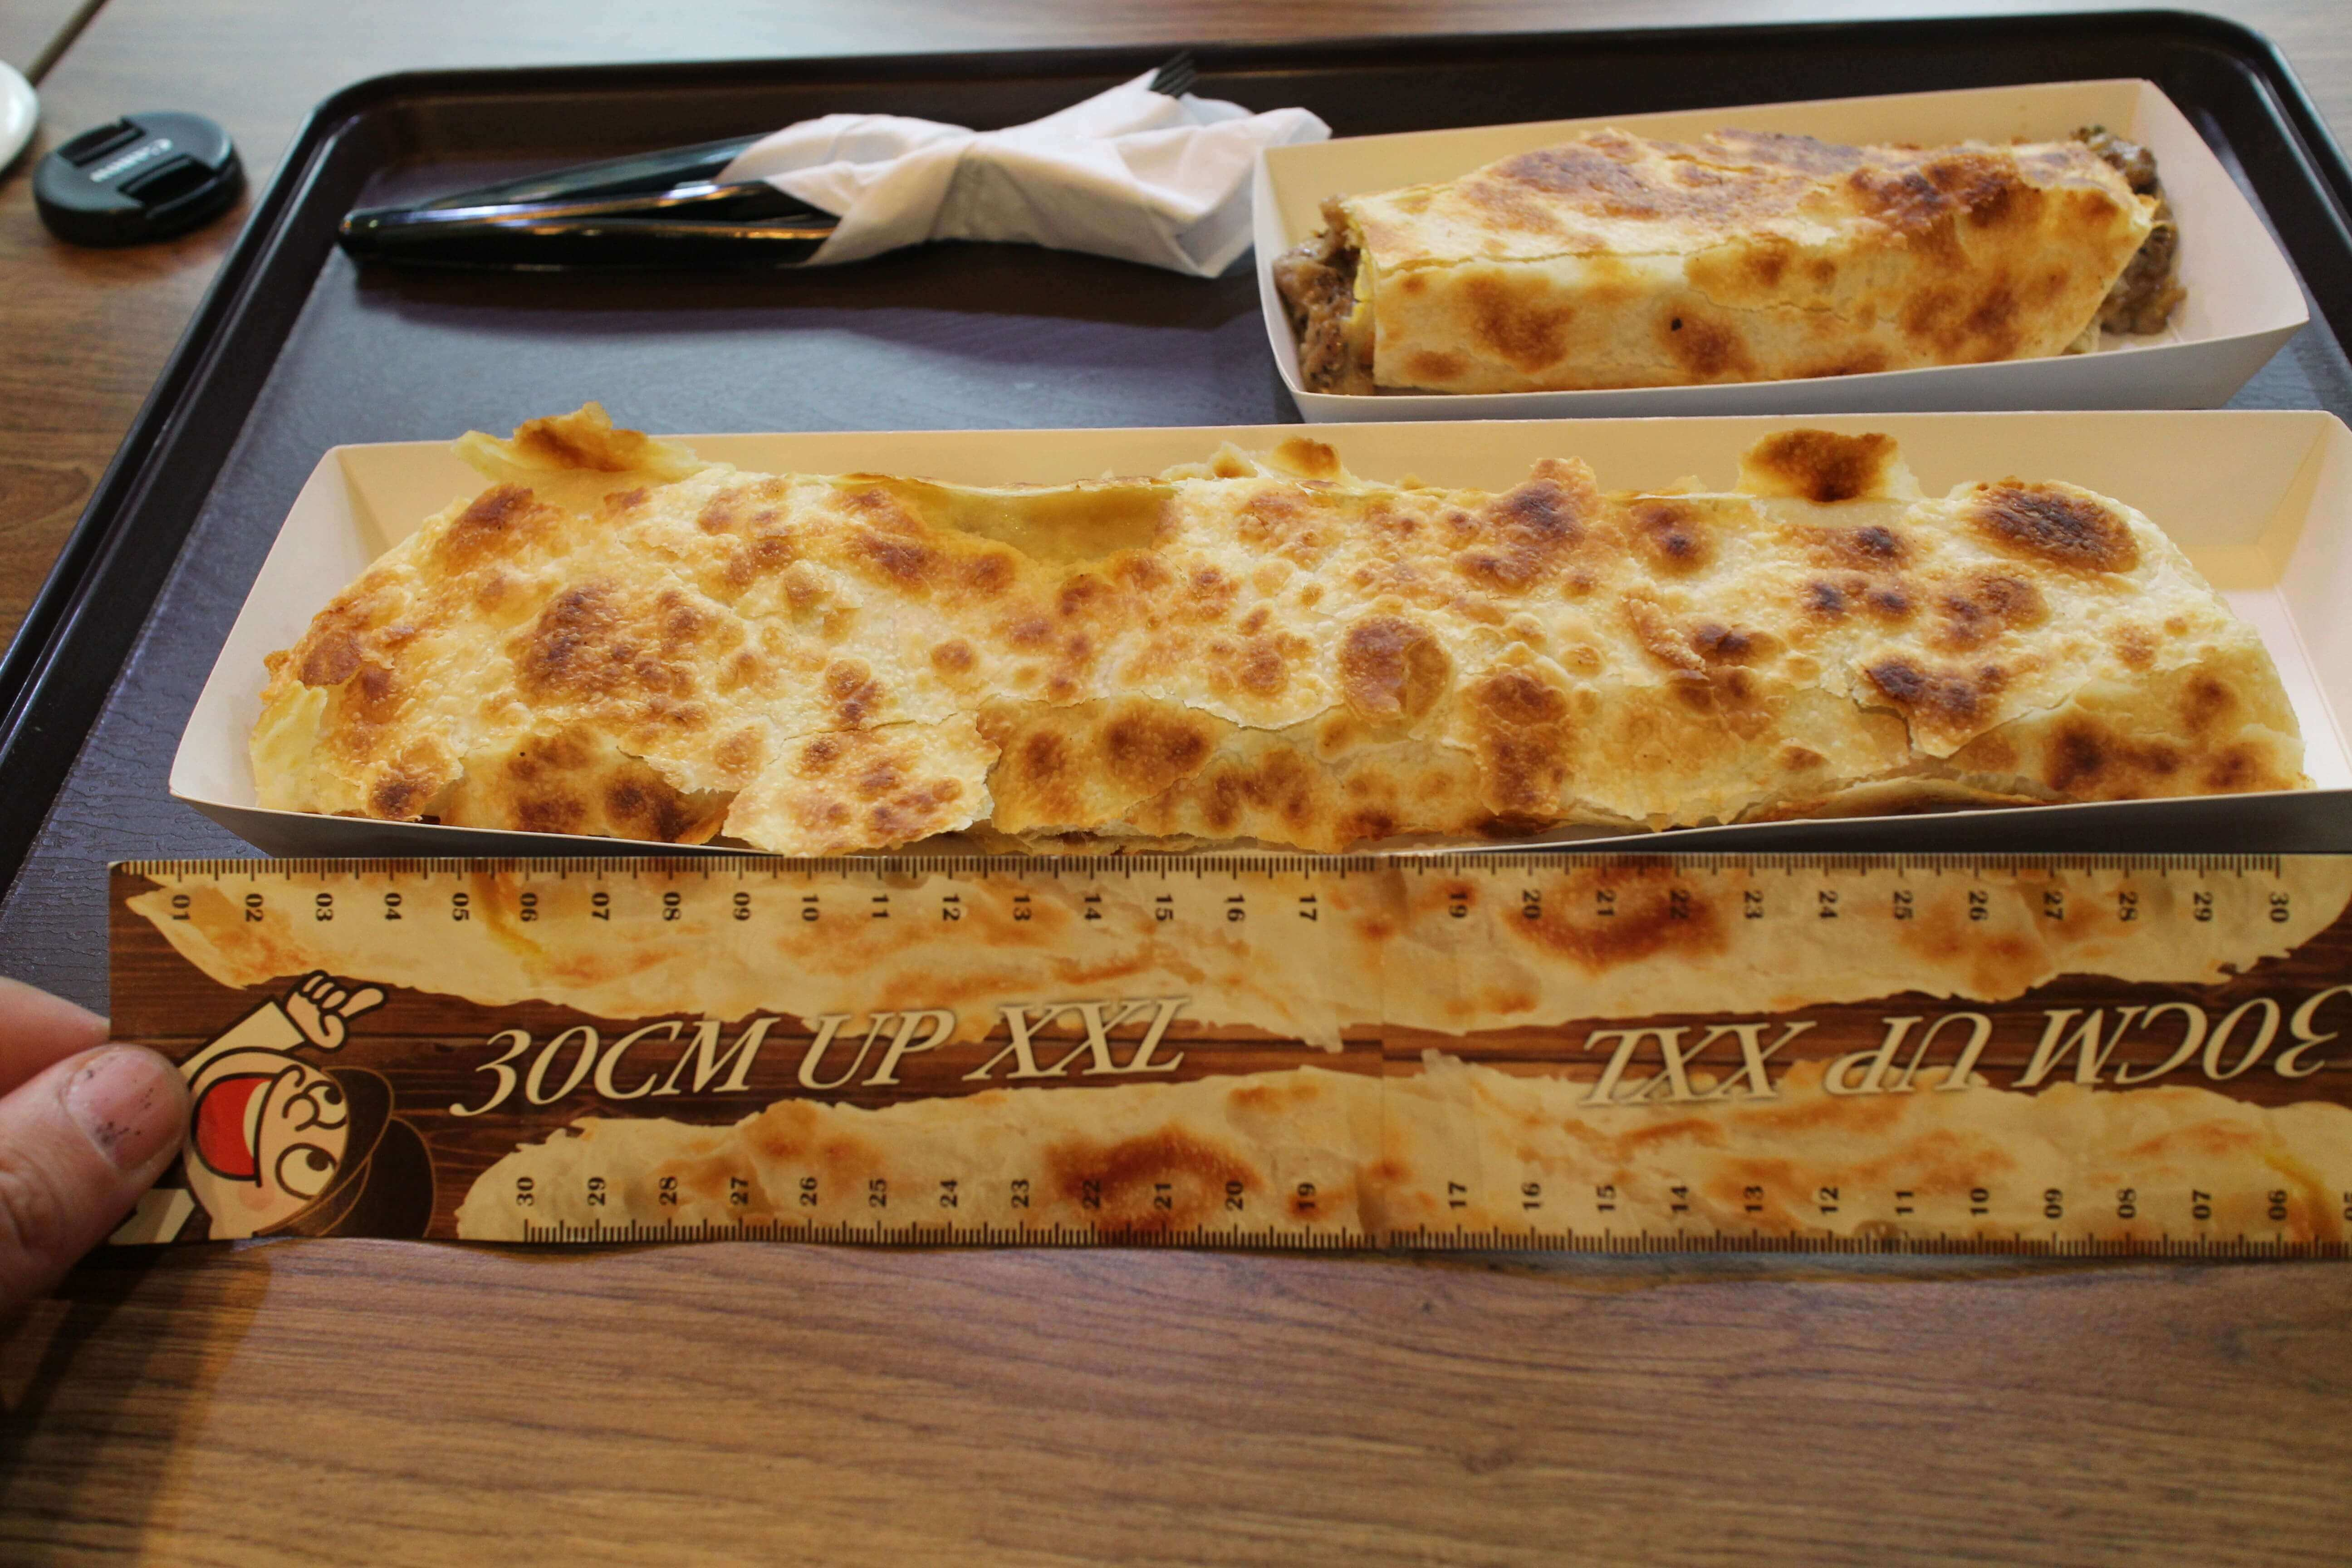 【台北美食】台湾特色美食推荐:超长30CM台湾蛋饼-长胜君卷蛋饼 @秤瓶樂遊遊